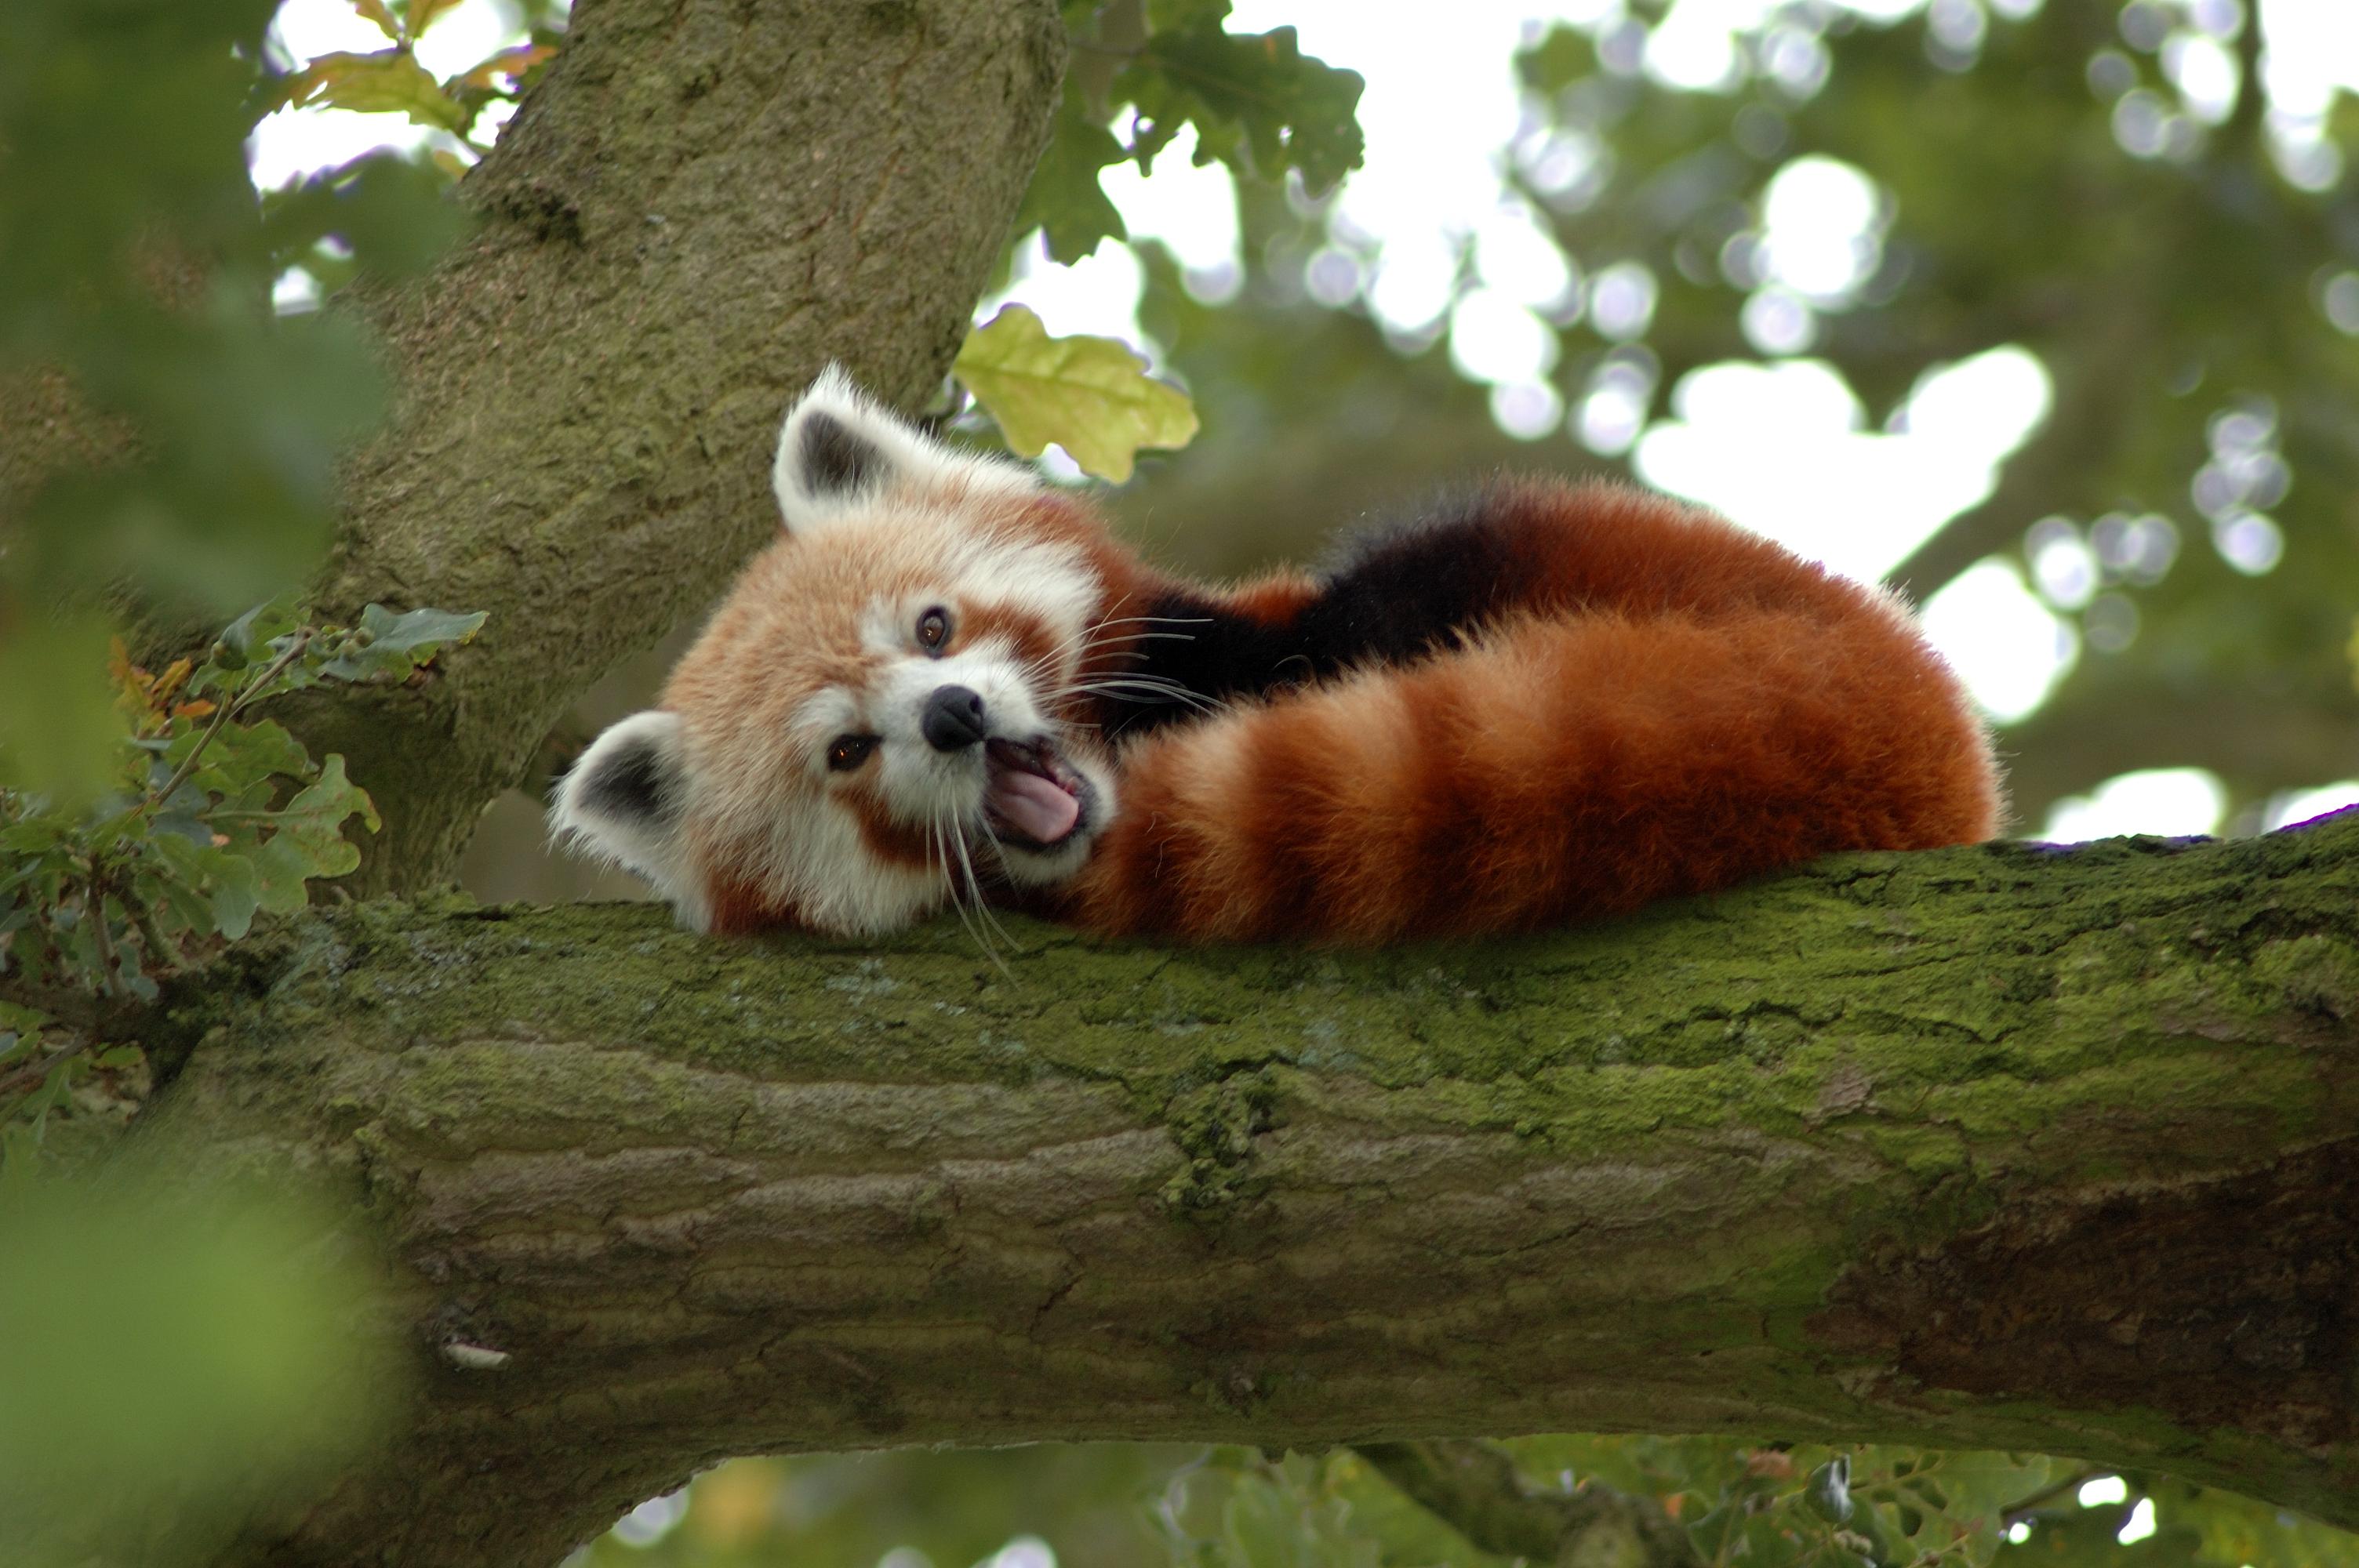 Description Red Panda in a Tree Y A W N I N Gjpg 3008x2000